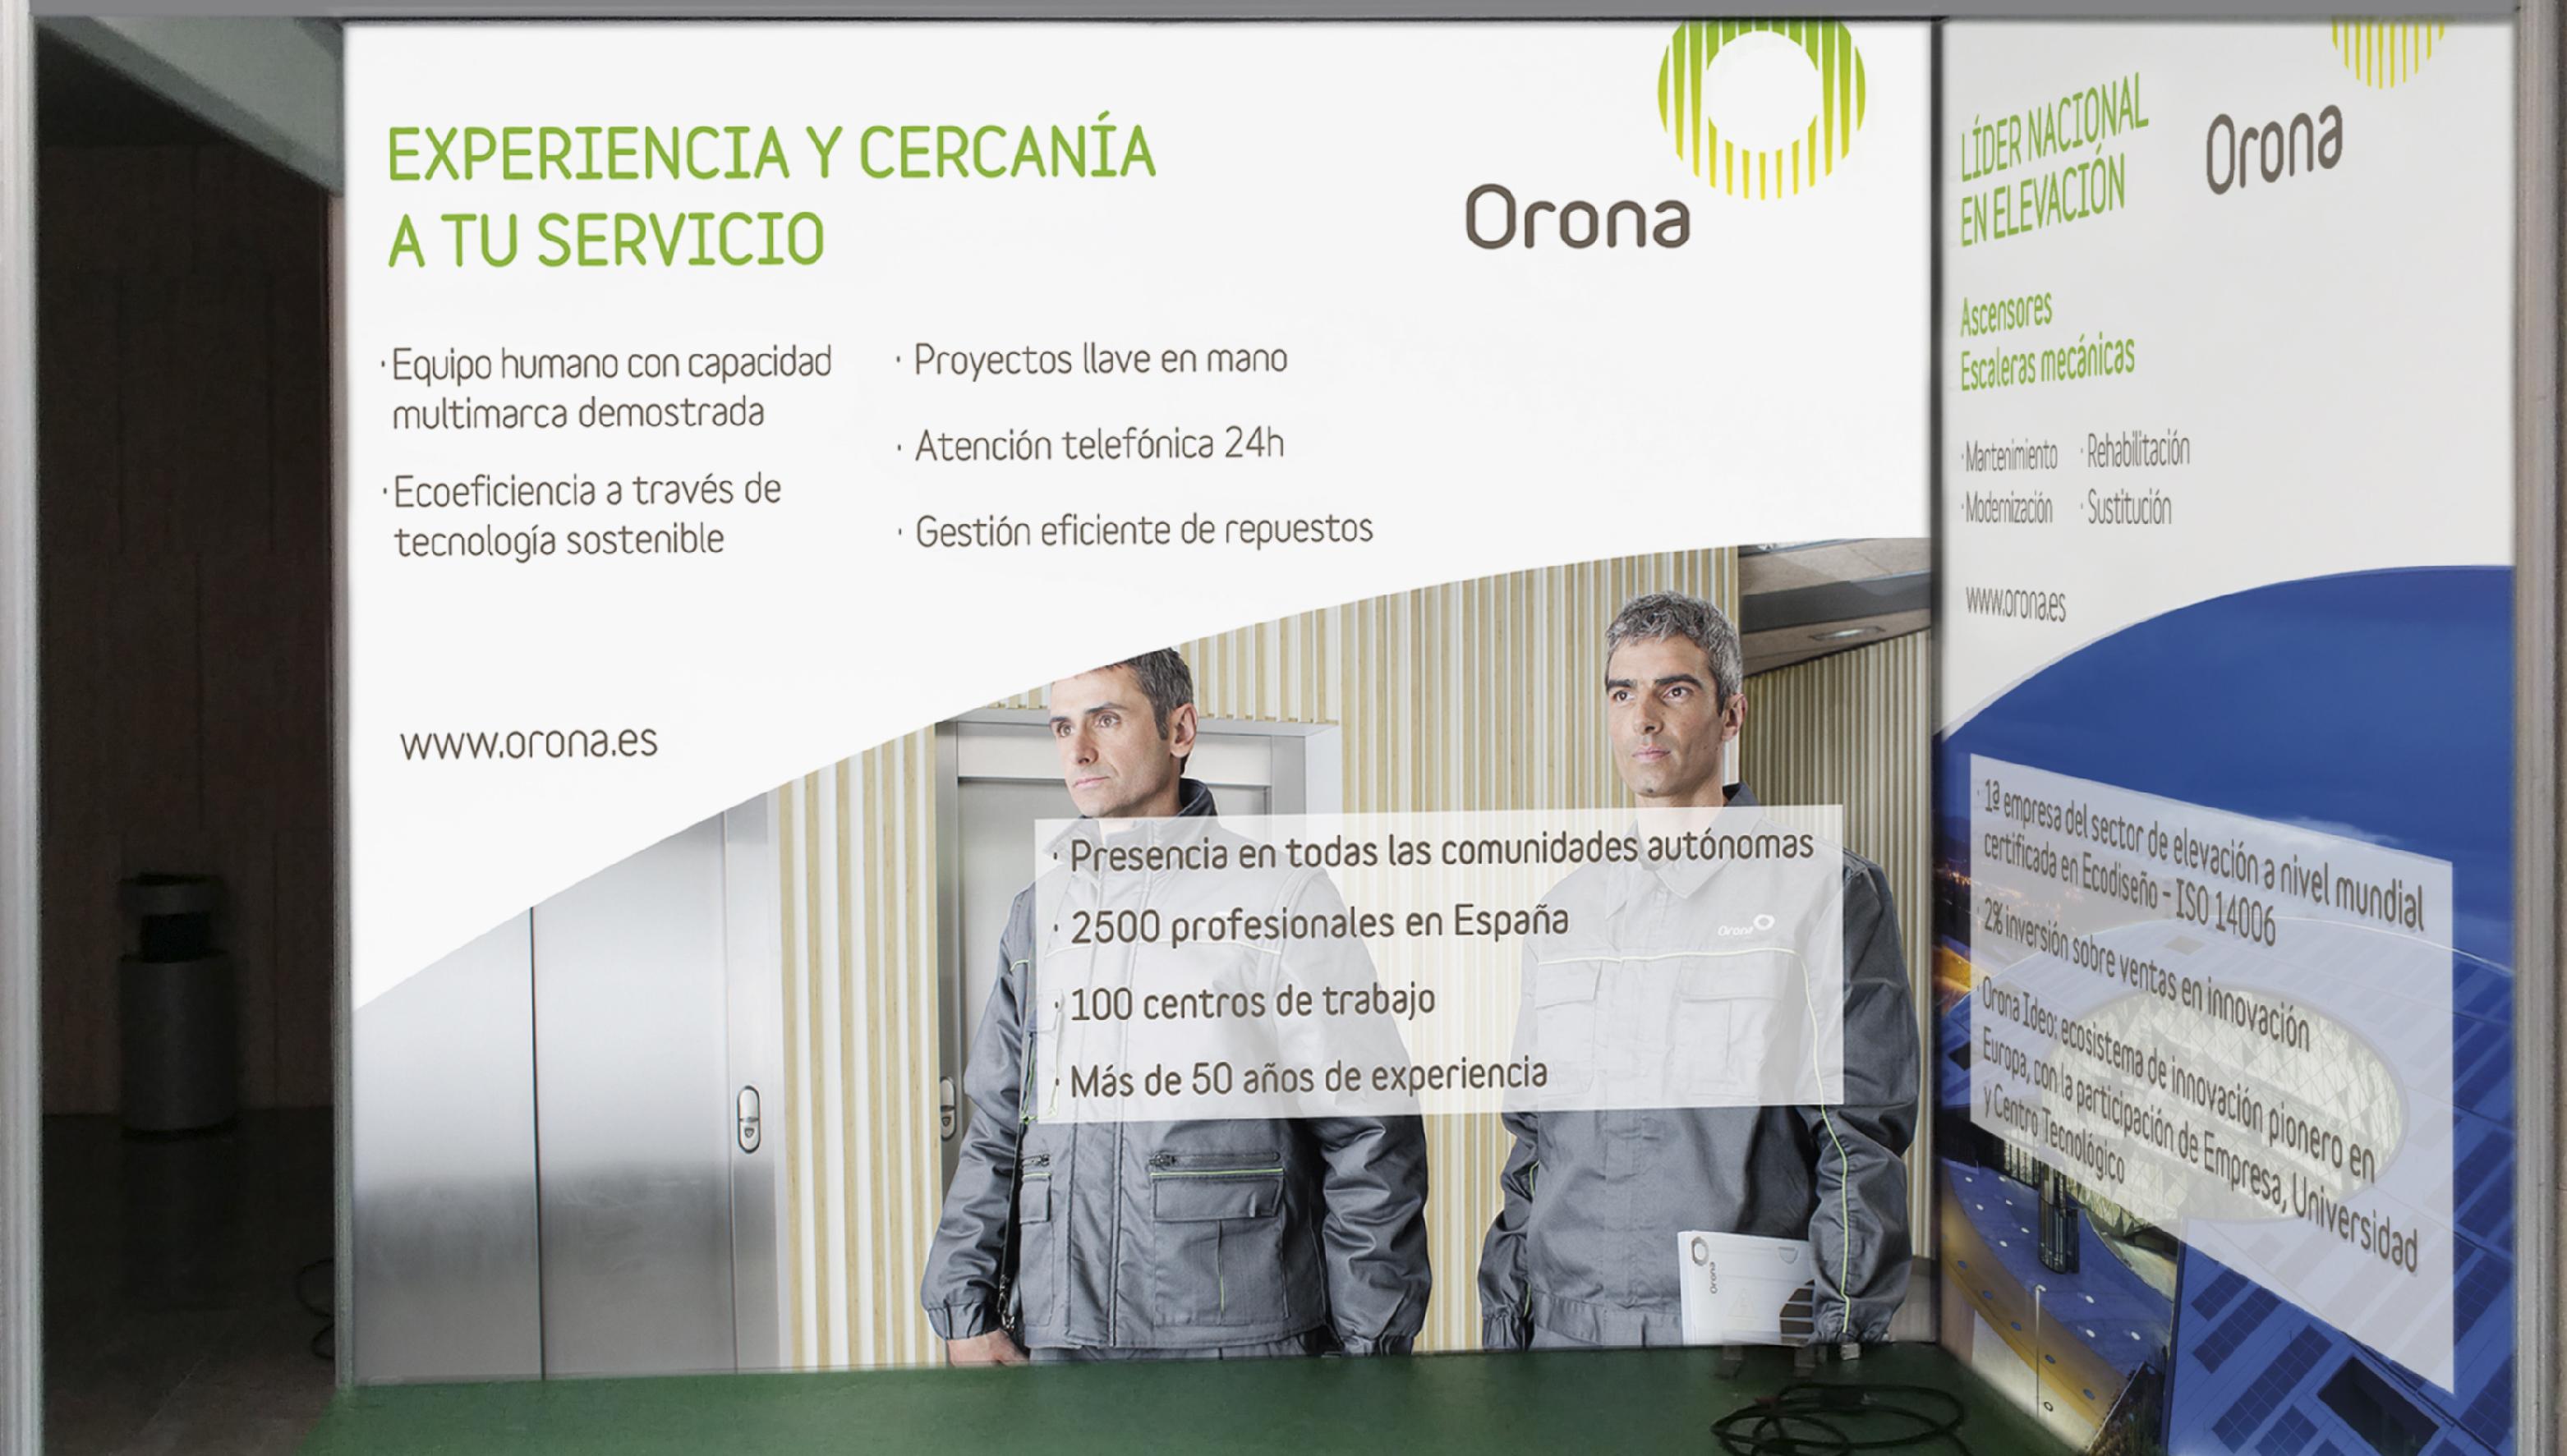 Impresión de Vinilos y Montaje de Stand Albacete para orona